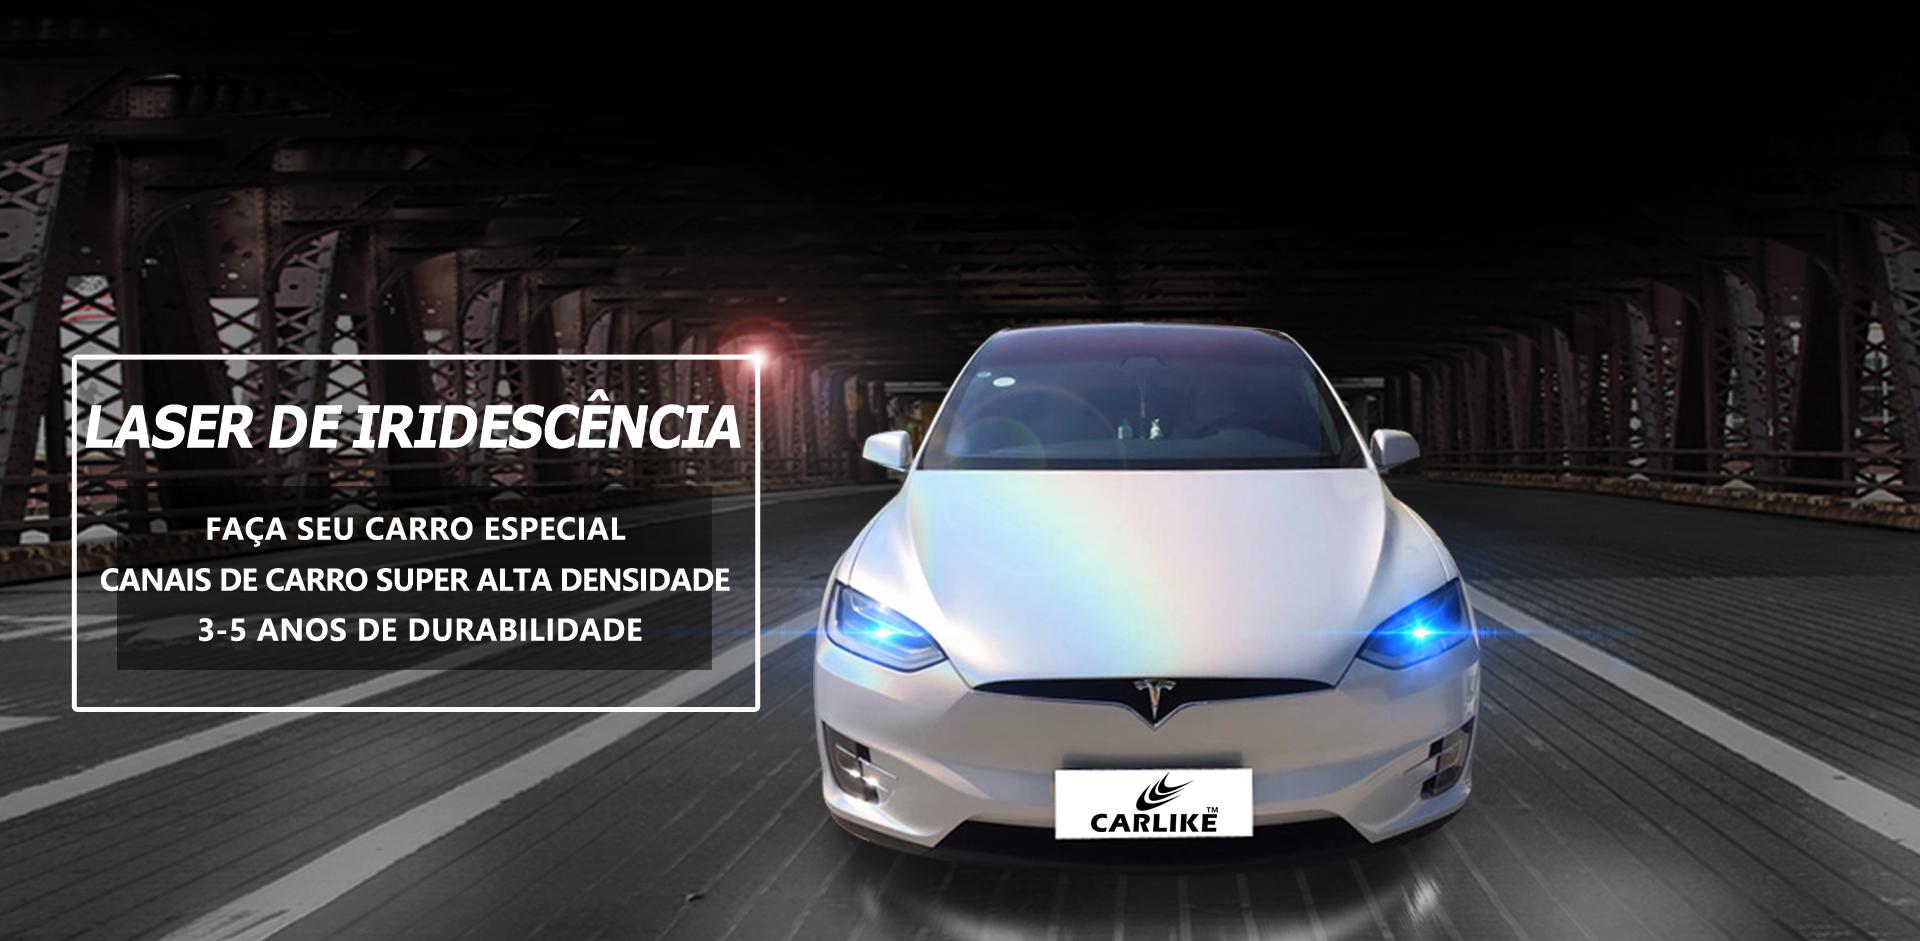 CARLIKE CL-IL Etiqueta do vinil do envoltório do carro do brilho do carro do brilho do laser da iridescência